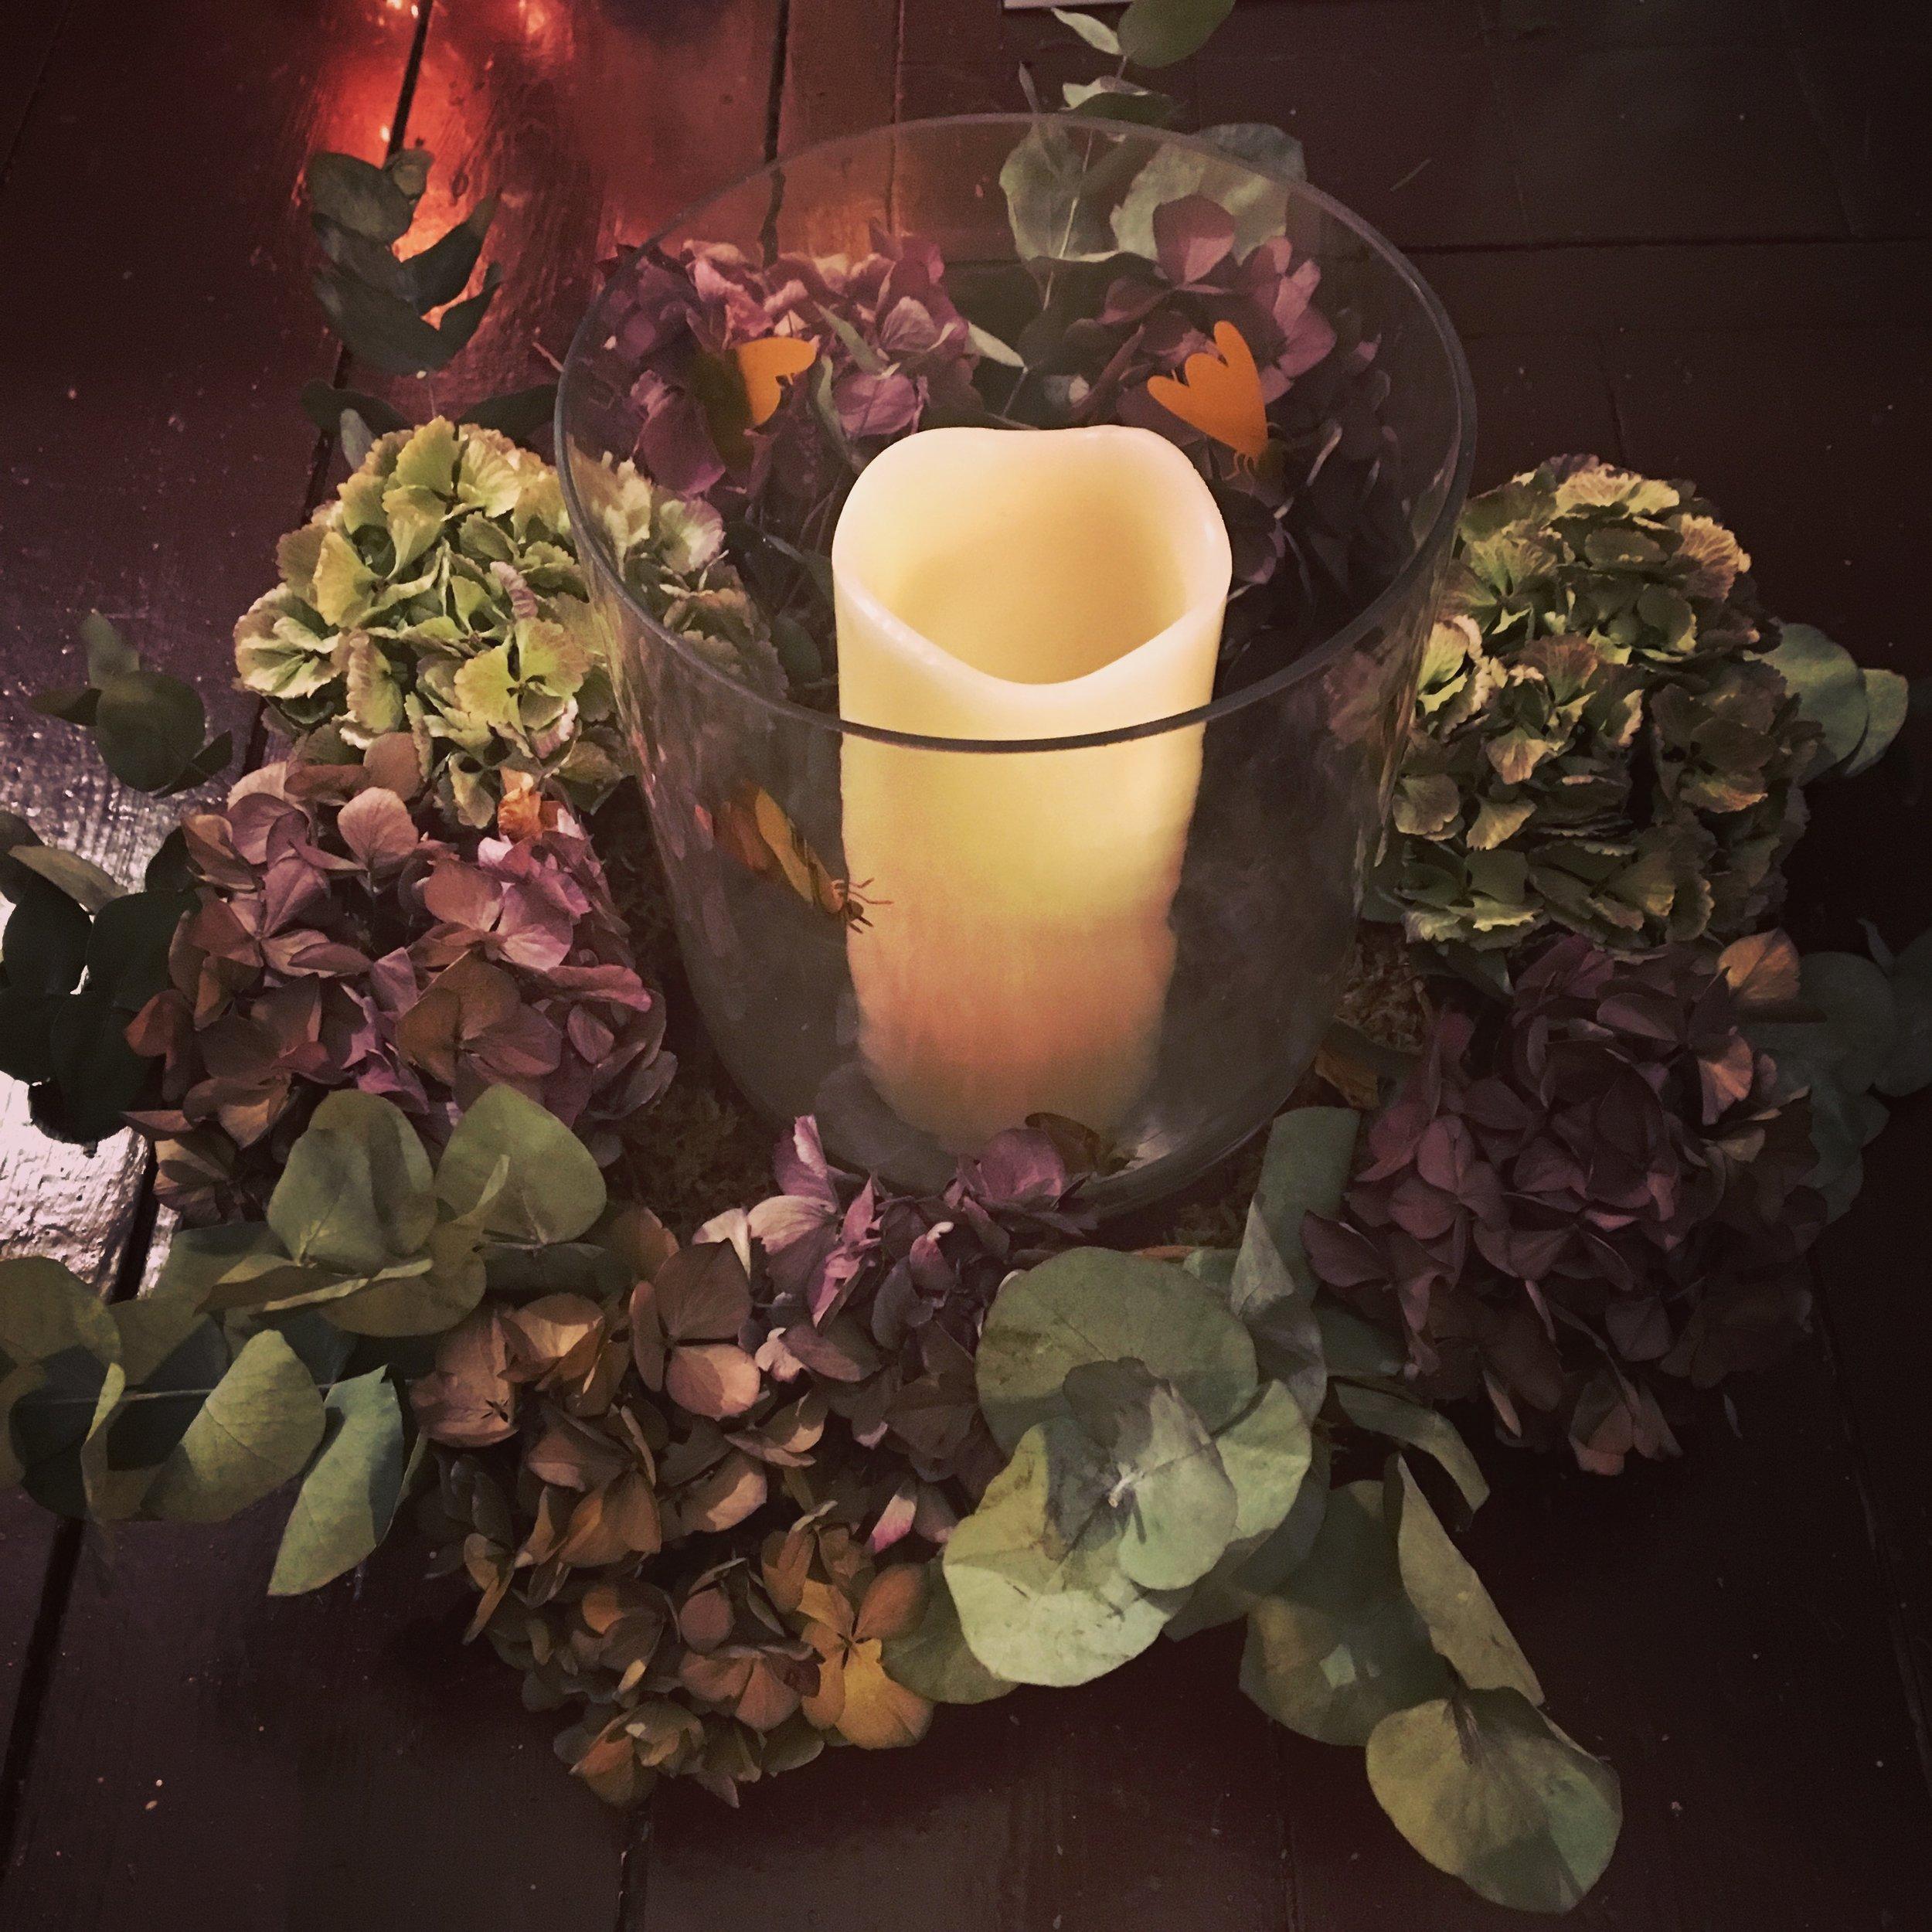 Wreath Table Centre